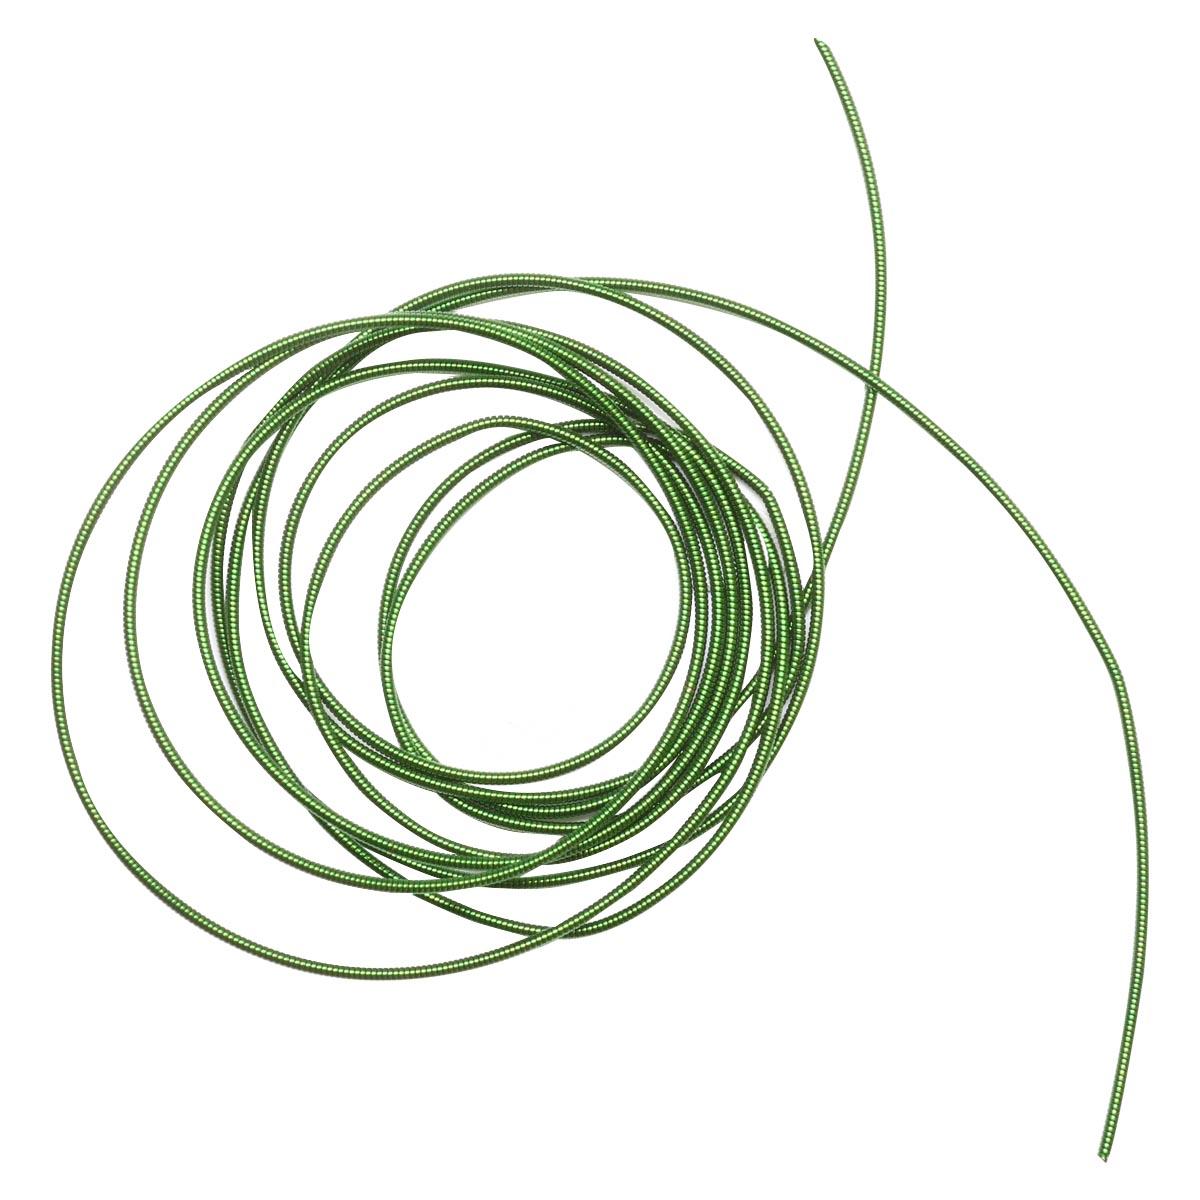 КЖ008НН1 Канитель жесткая Зеленый 1 мм, 5 гр. +/- 0,1 гр.